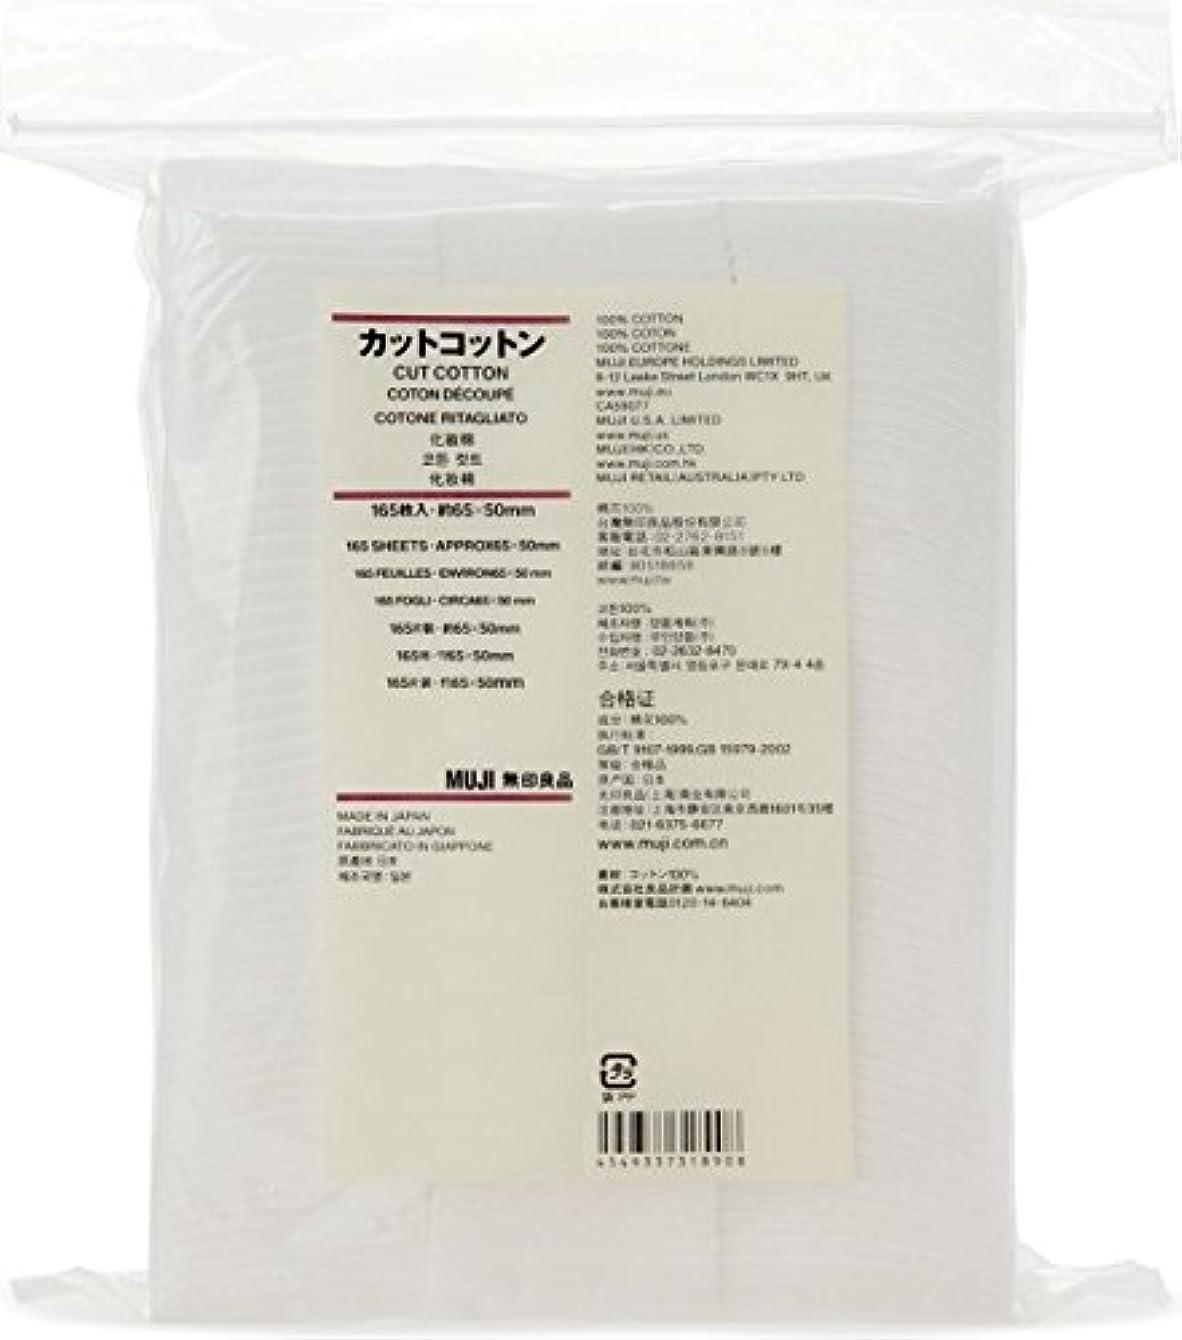 ベーコンマーガレットミッチェルトランペットカットコットン (新)165枚入?約65x50mm 無印良品 日本製